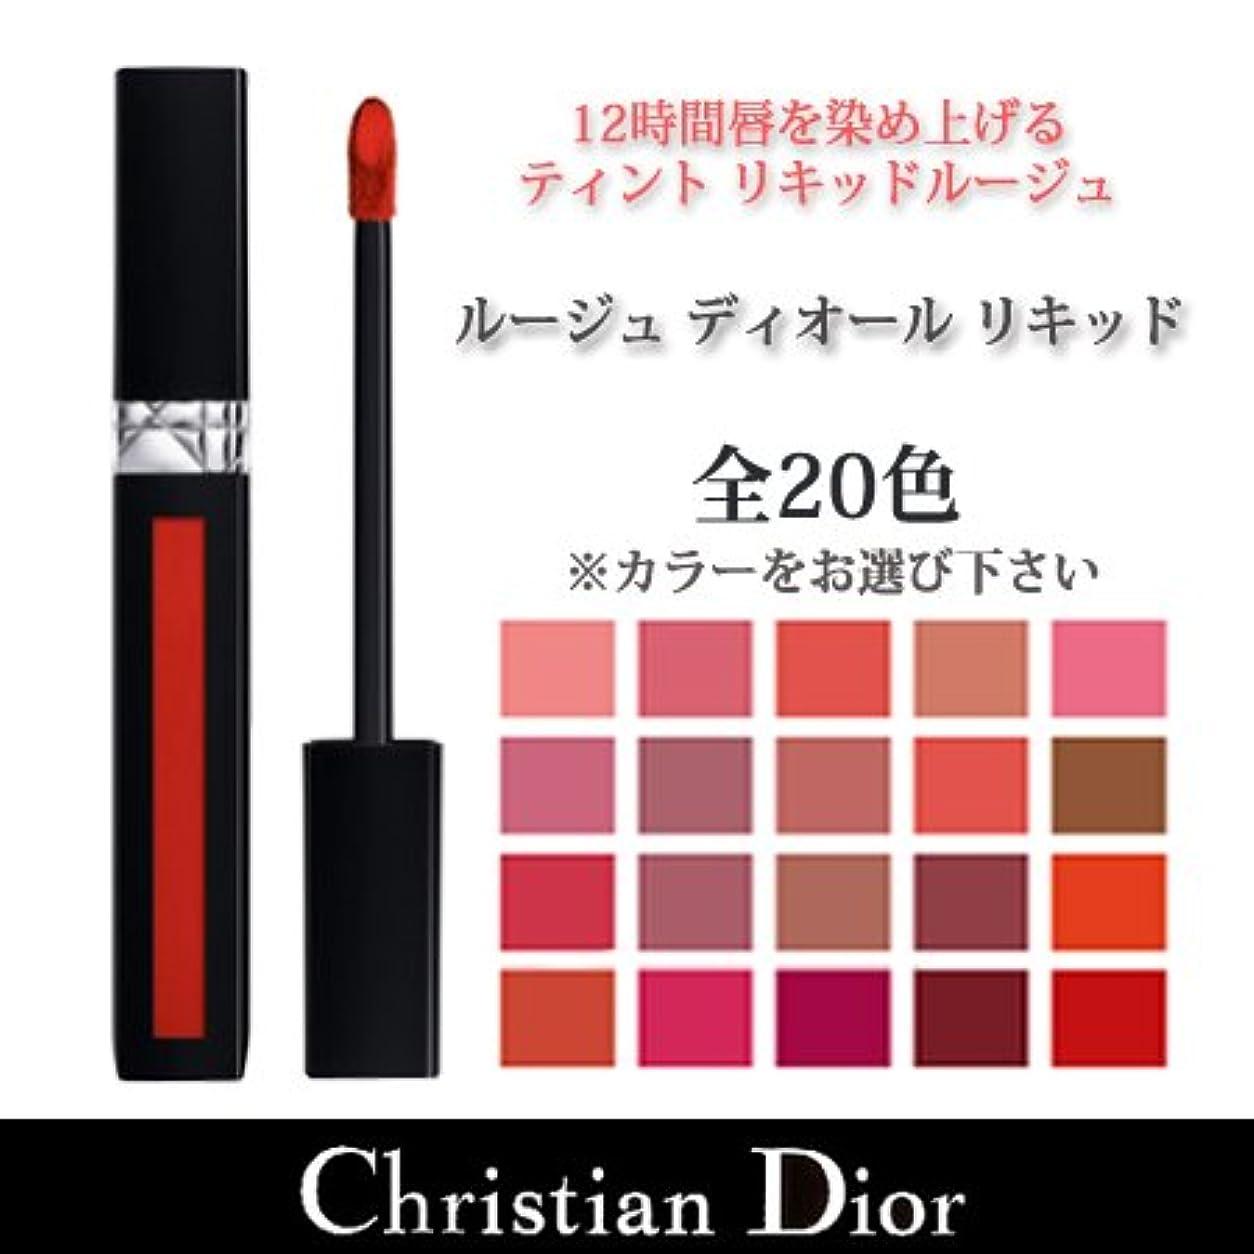 ドラッグコジオスコくまディオール ルージュ ディオール リキッド 全20色 -Dior- 614